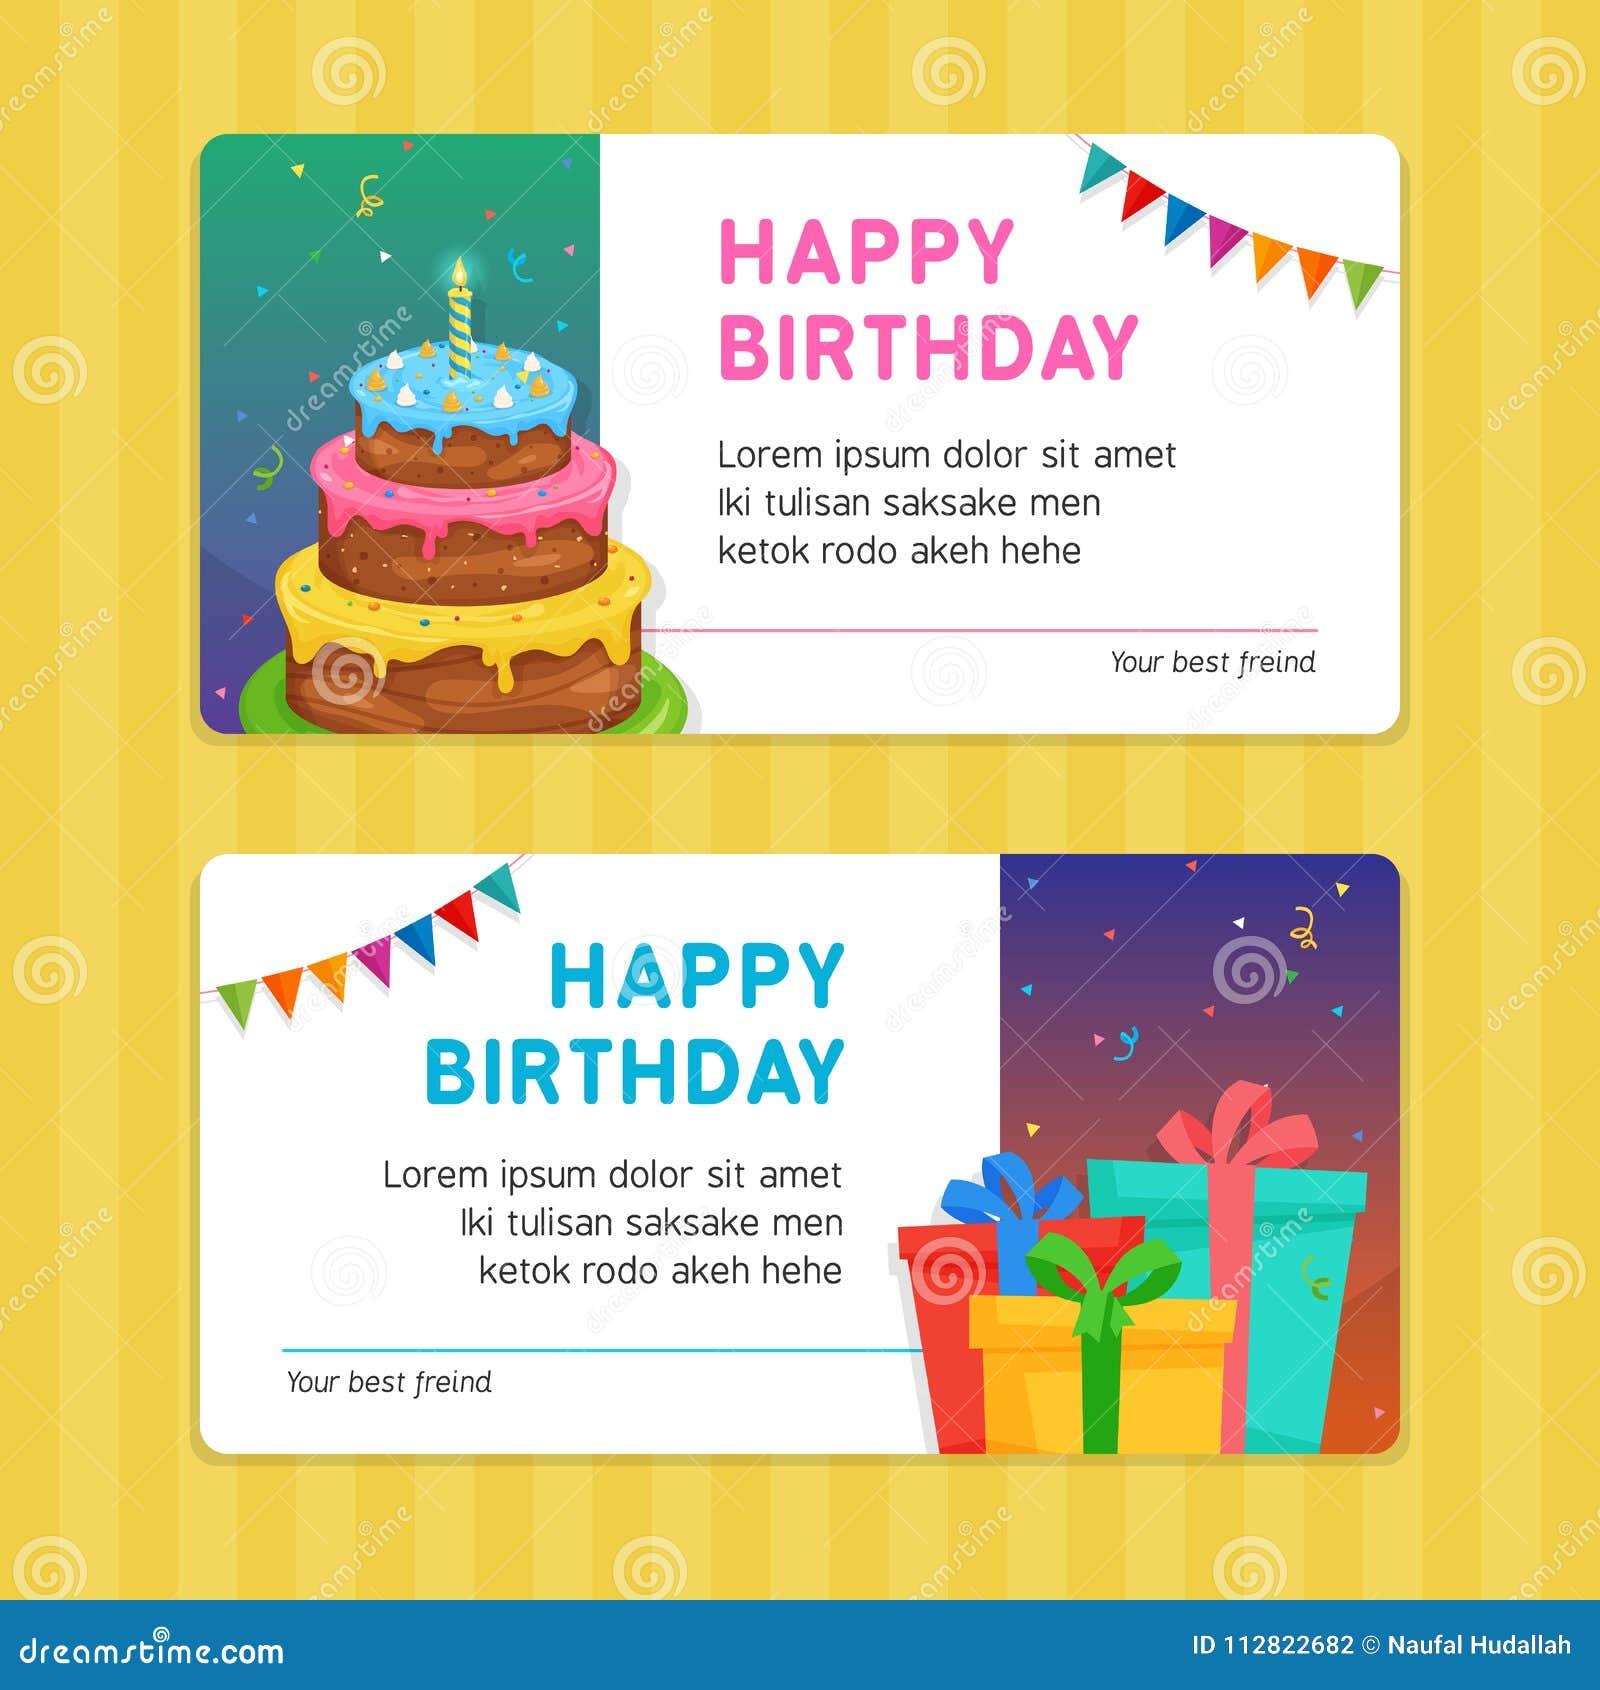 С днем рождения современный шаблон карточки приглашения с именниным пирогом и иллюстрацией подарочной коробки